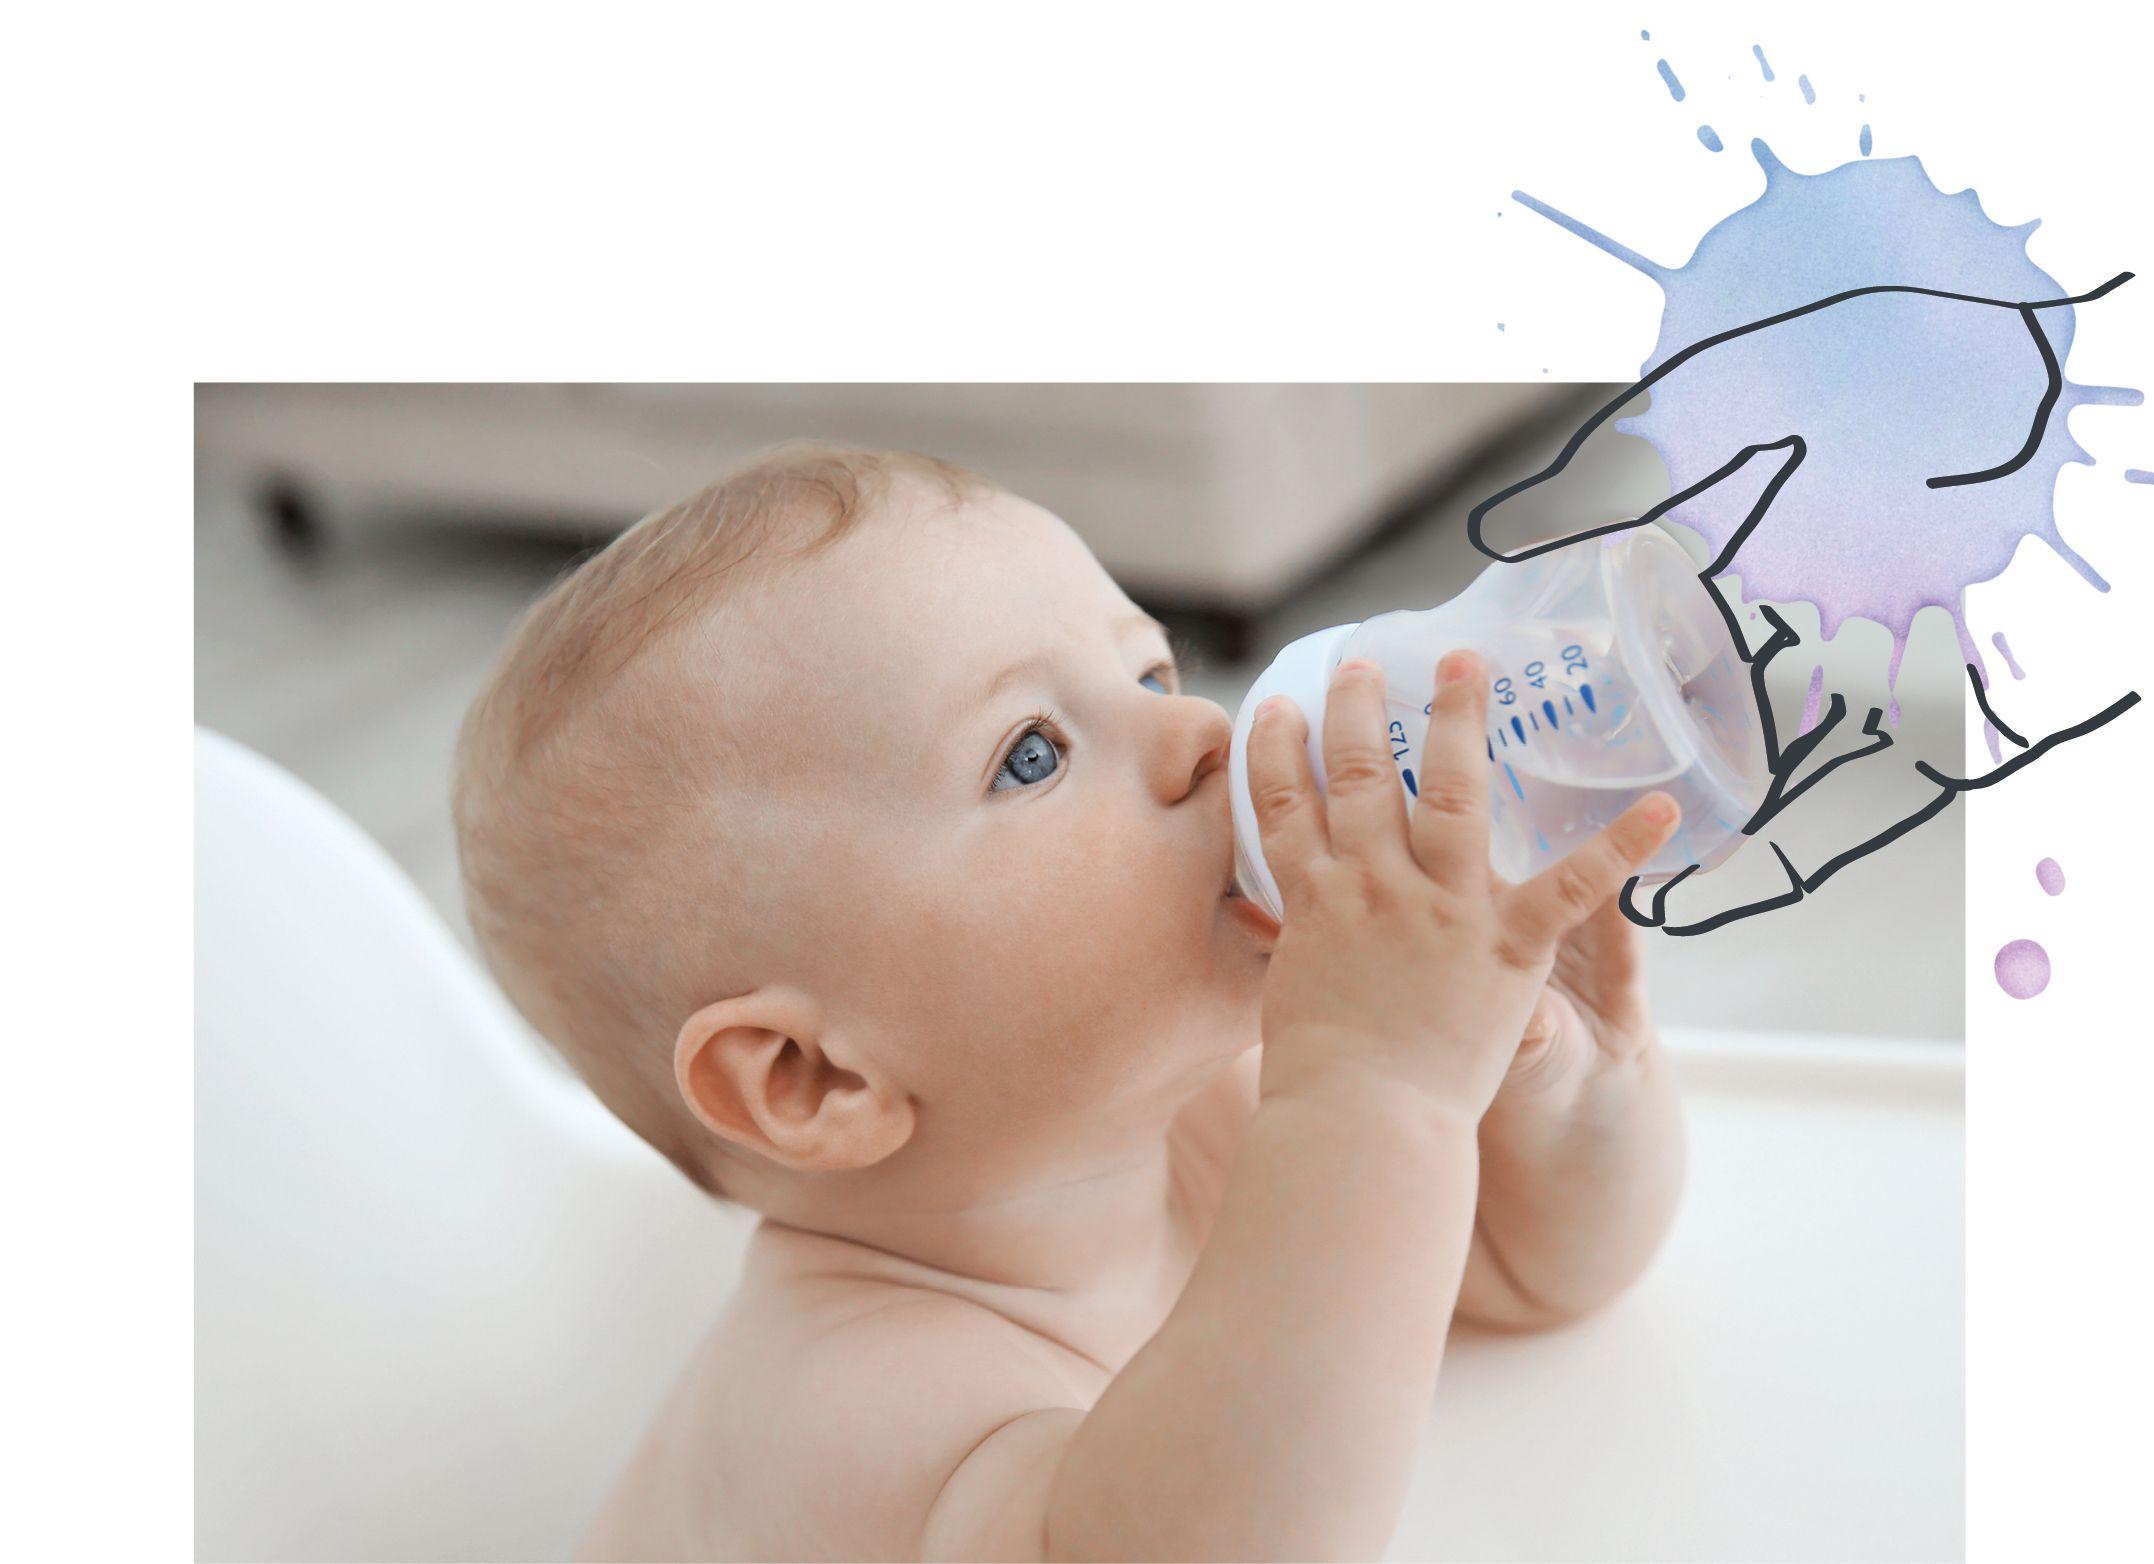 Jogg – Leefstijlinterventie voor water drinken door jonge kinderen